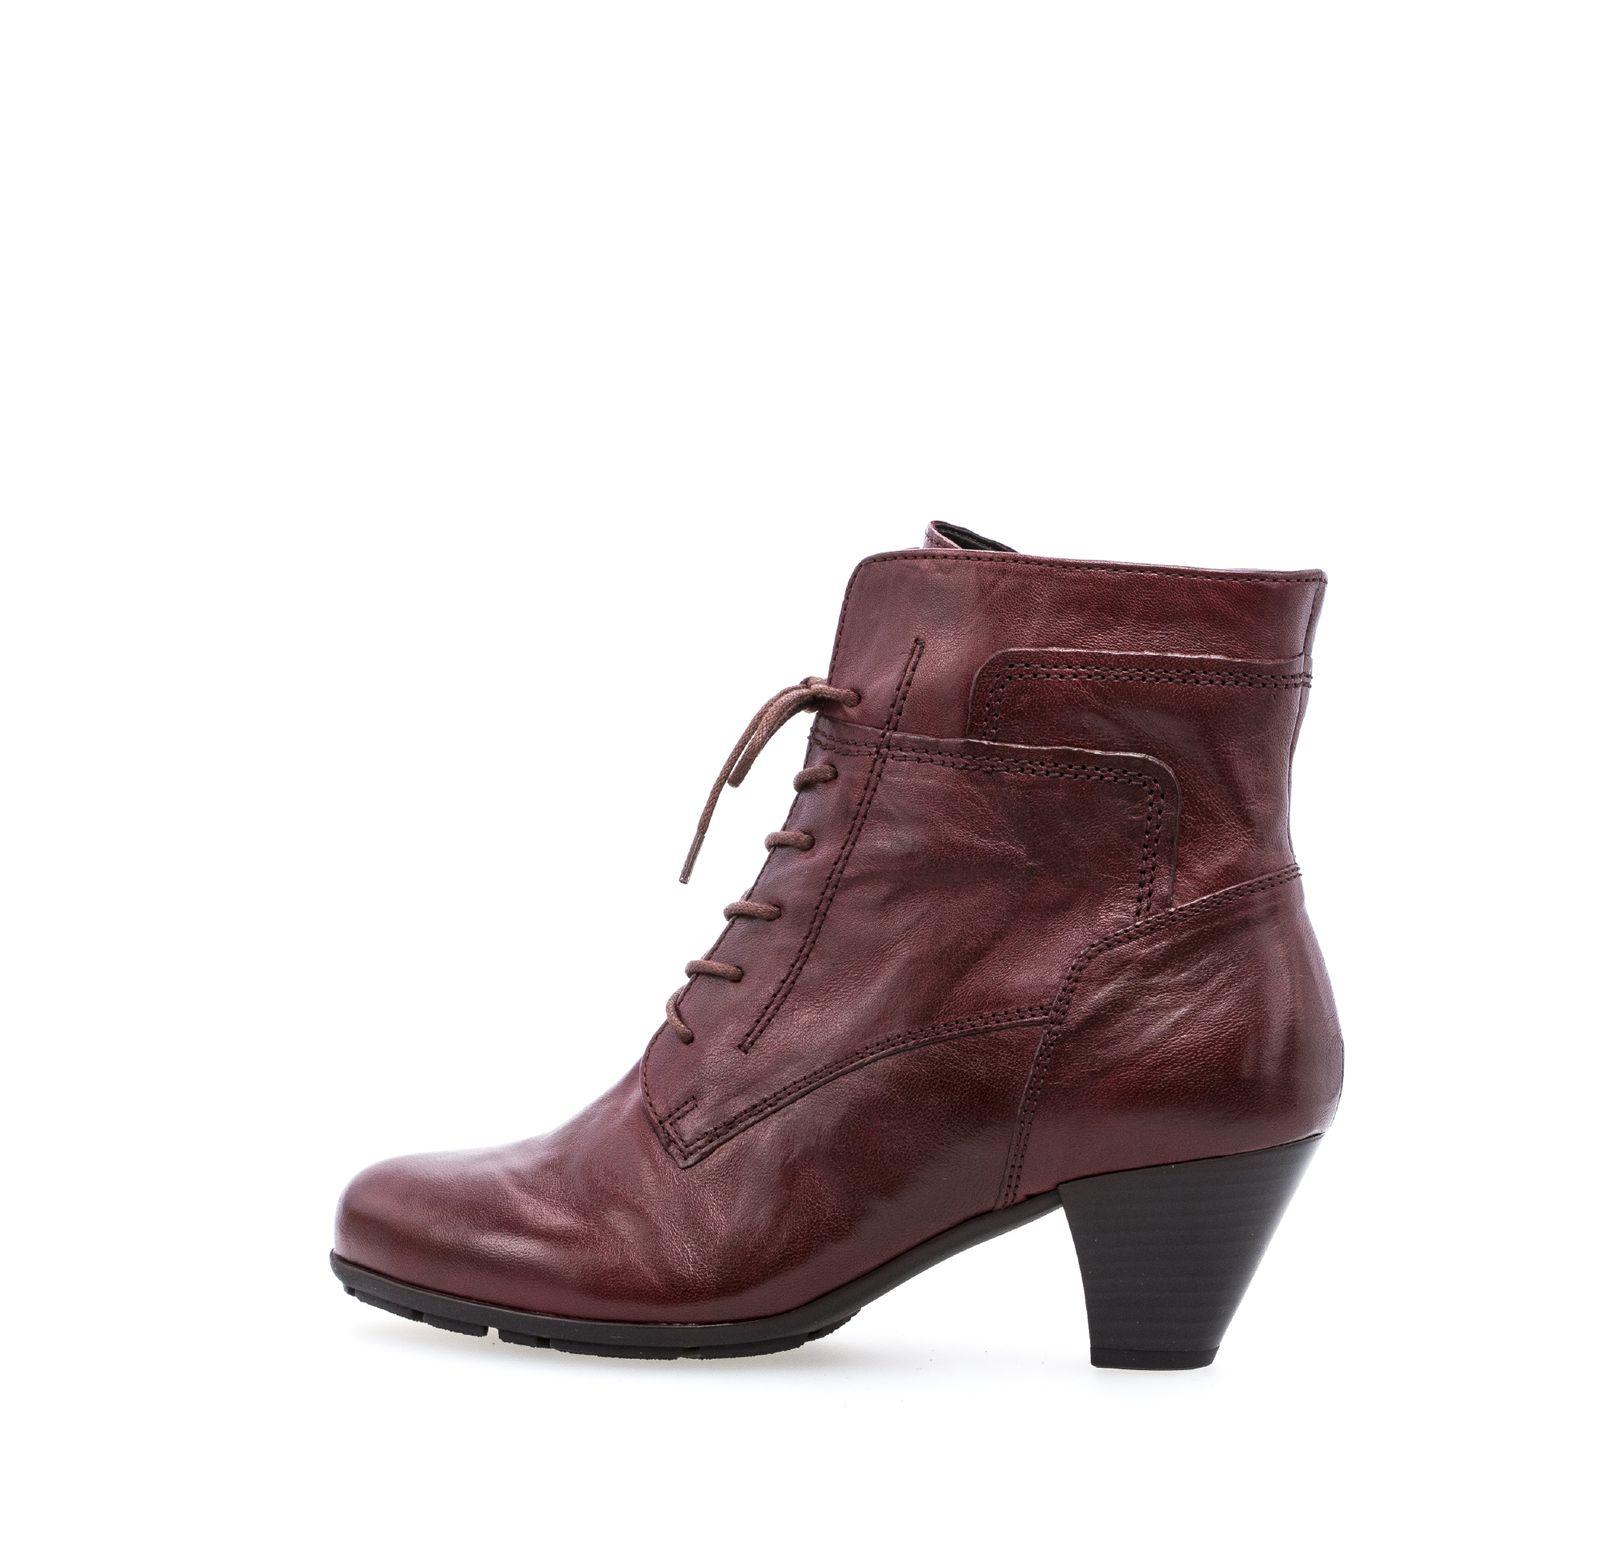 Zu Neu Details Damen Stiefeletten Rot 644 Elegante Gabor 95